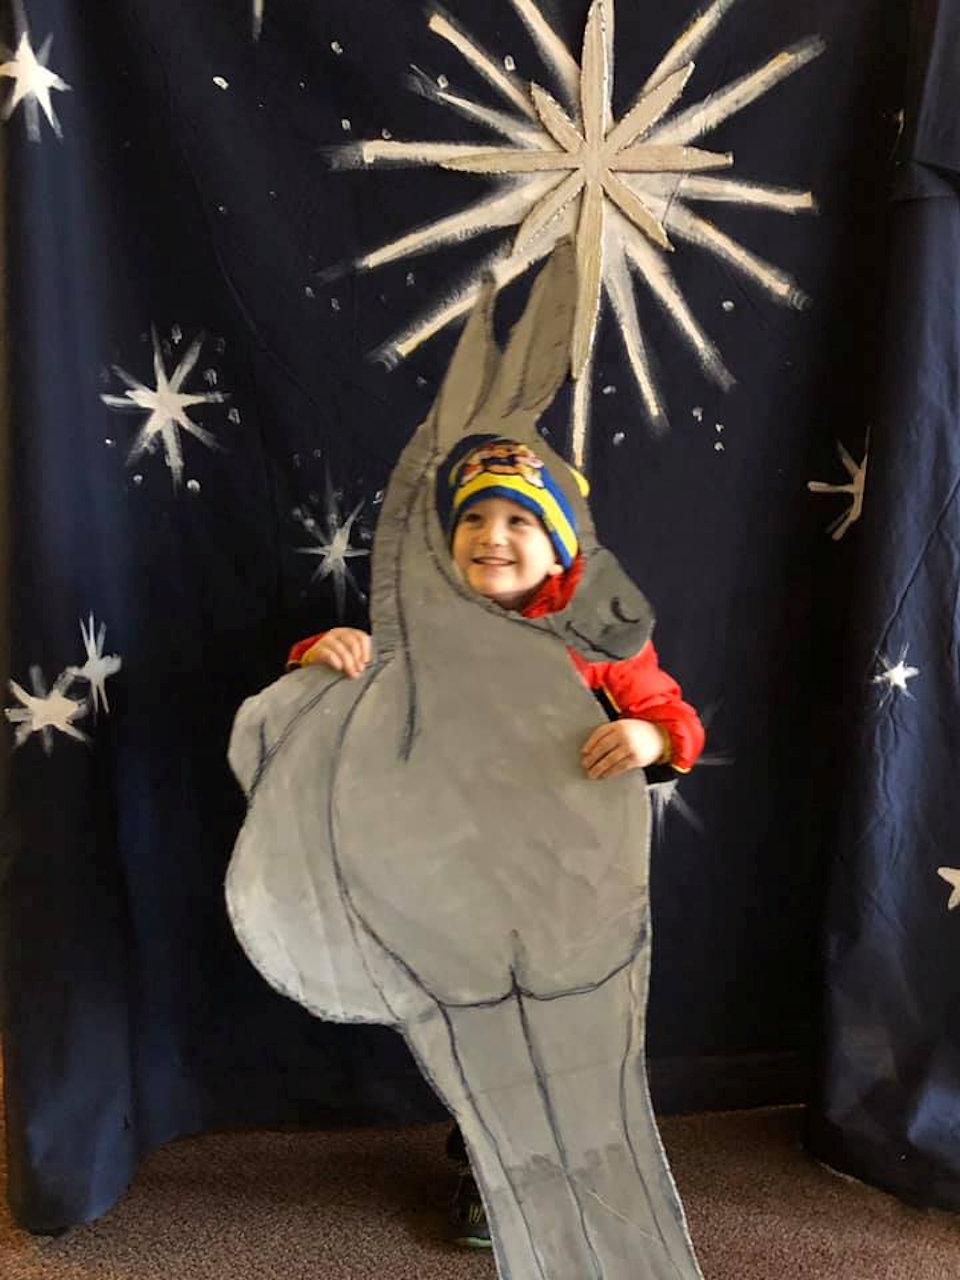 Boy with donkey cutout